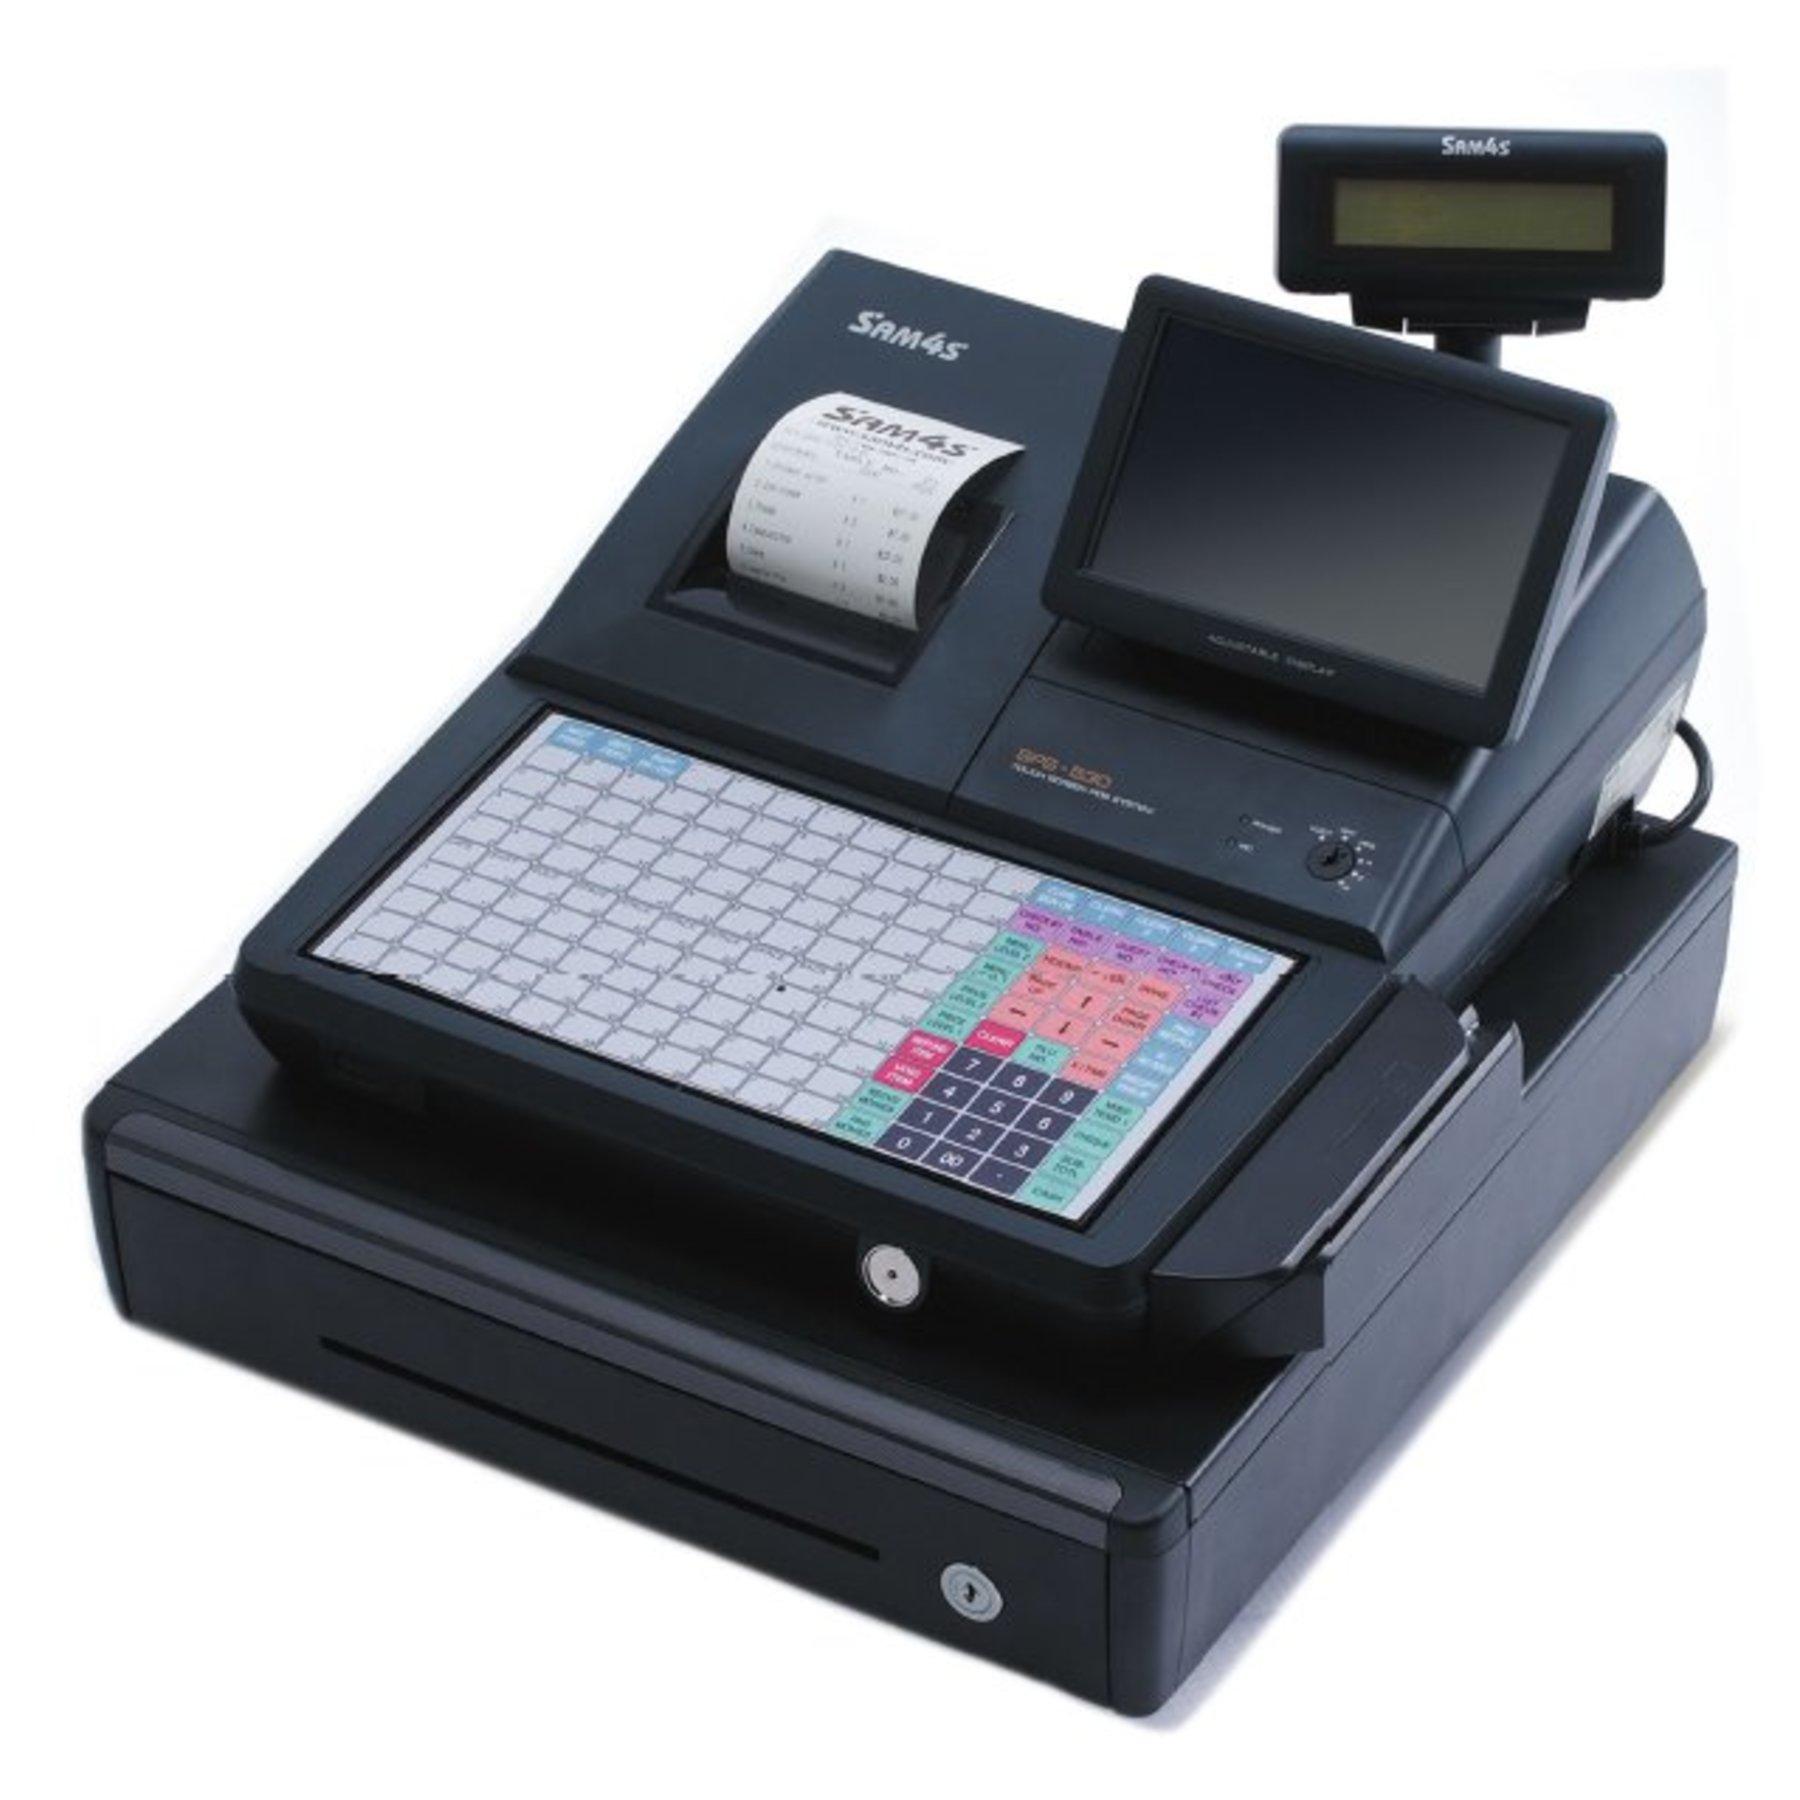 Sam4s Sps530 Cash Register With Flat Keyboard Cash